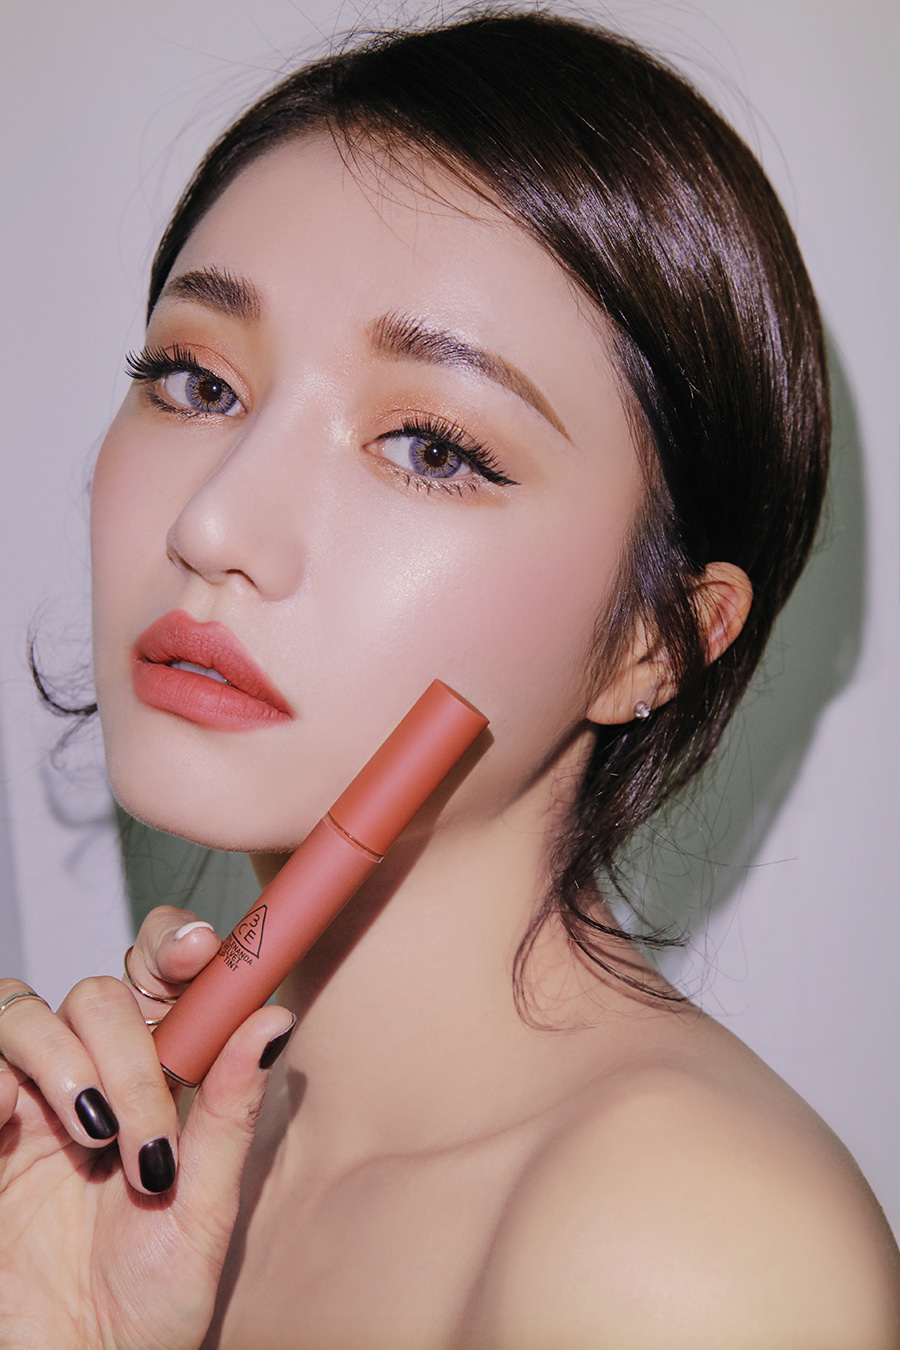 3CE vừa ra son kem lì 10 màu đẹp mê ly giá chỉ 300.000 VNĐ, con gái Việt ngay lập tức bật báo động cấp 1 - Ảnh 16.